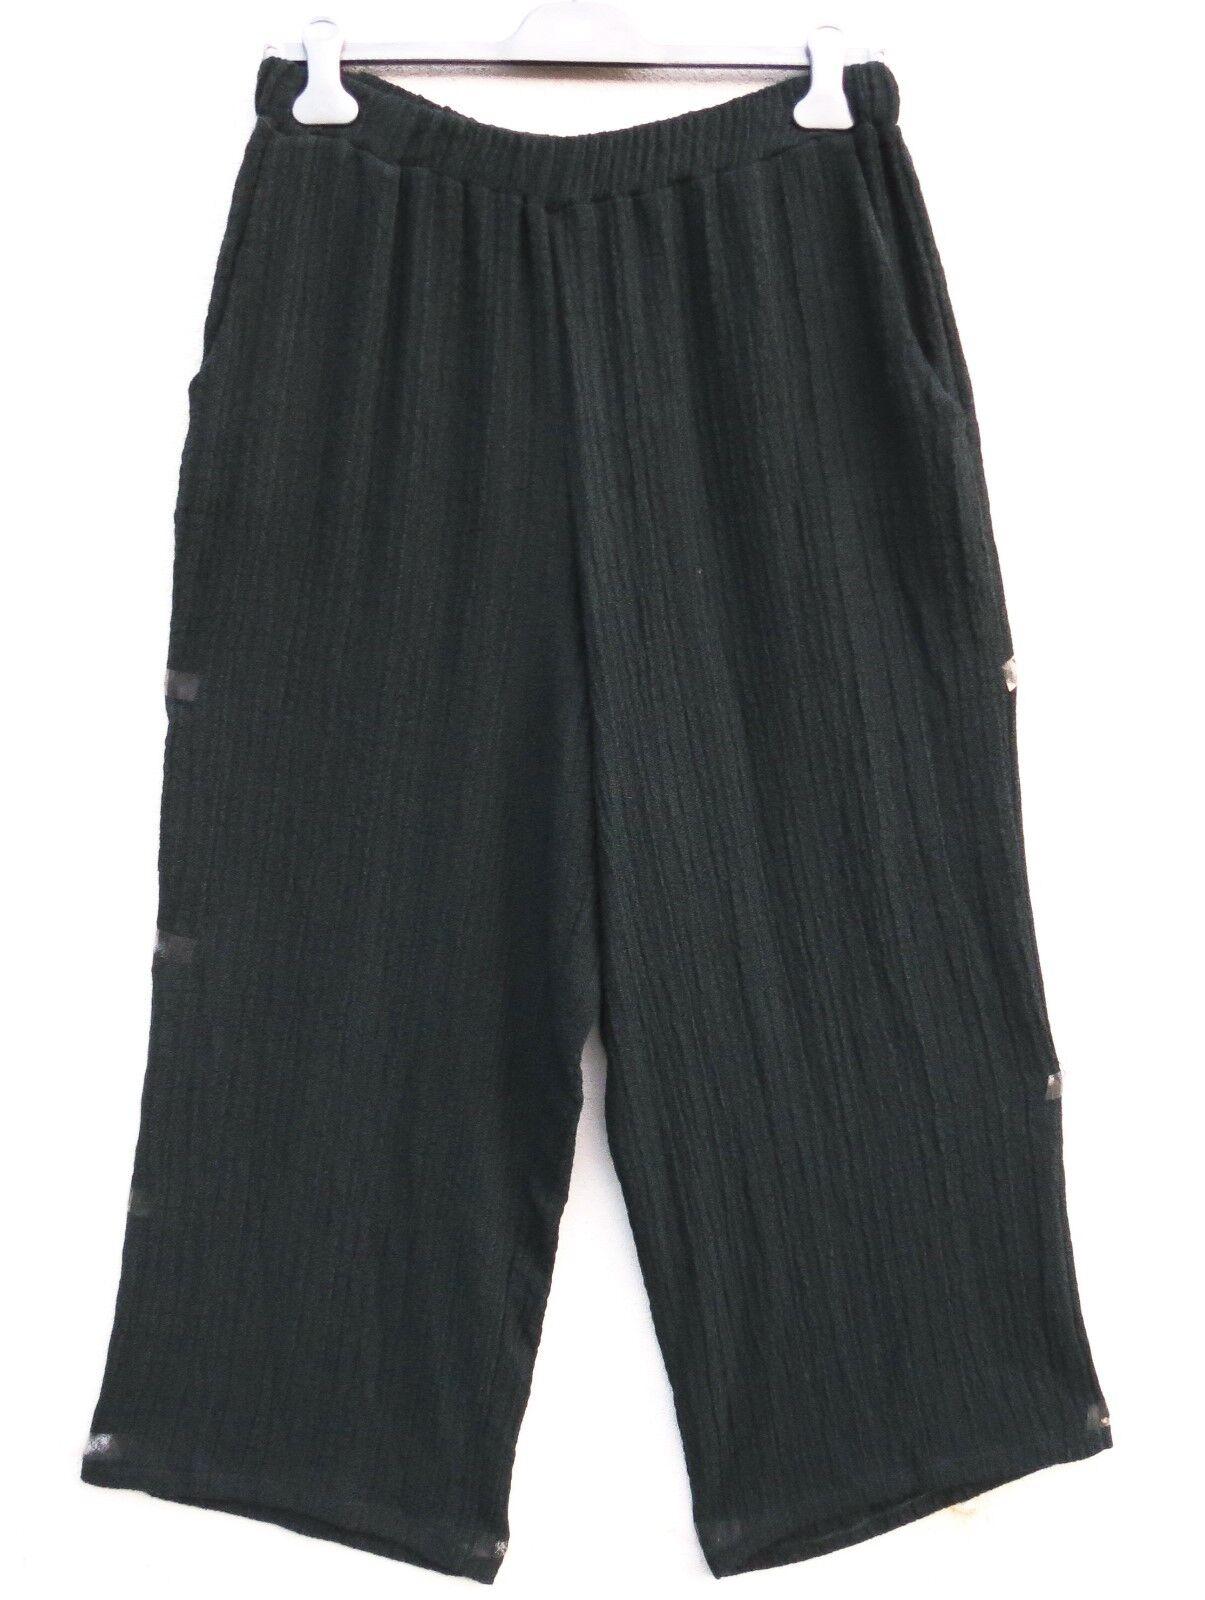 NEU LA MOUETTE bequeme Hose Trousers Hose Pantalon XXXL 56 Lagenlook